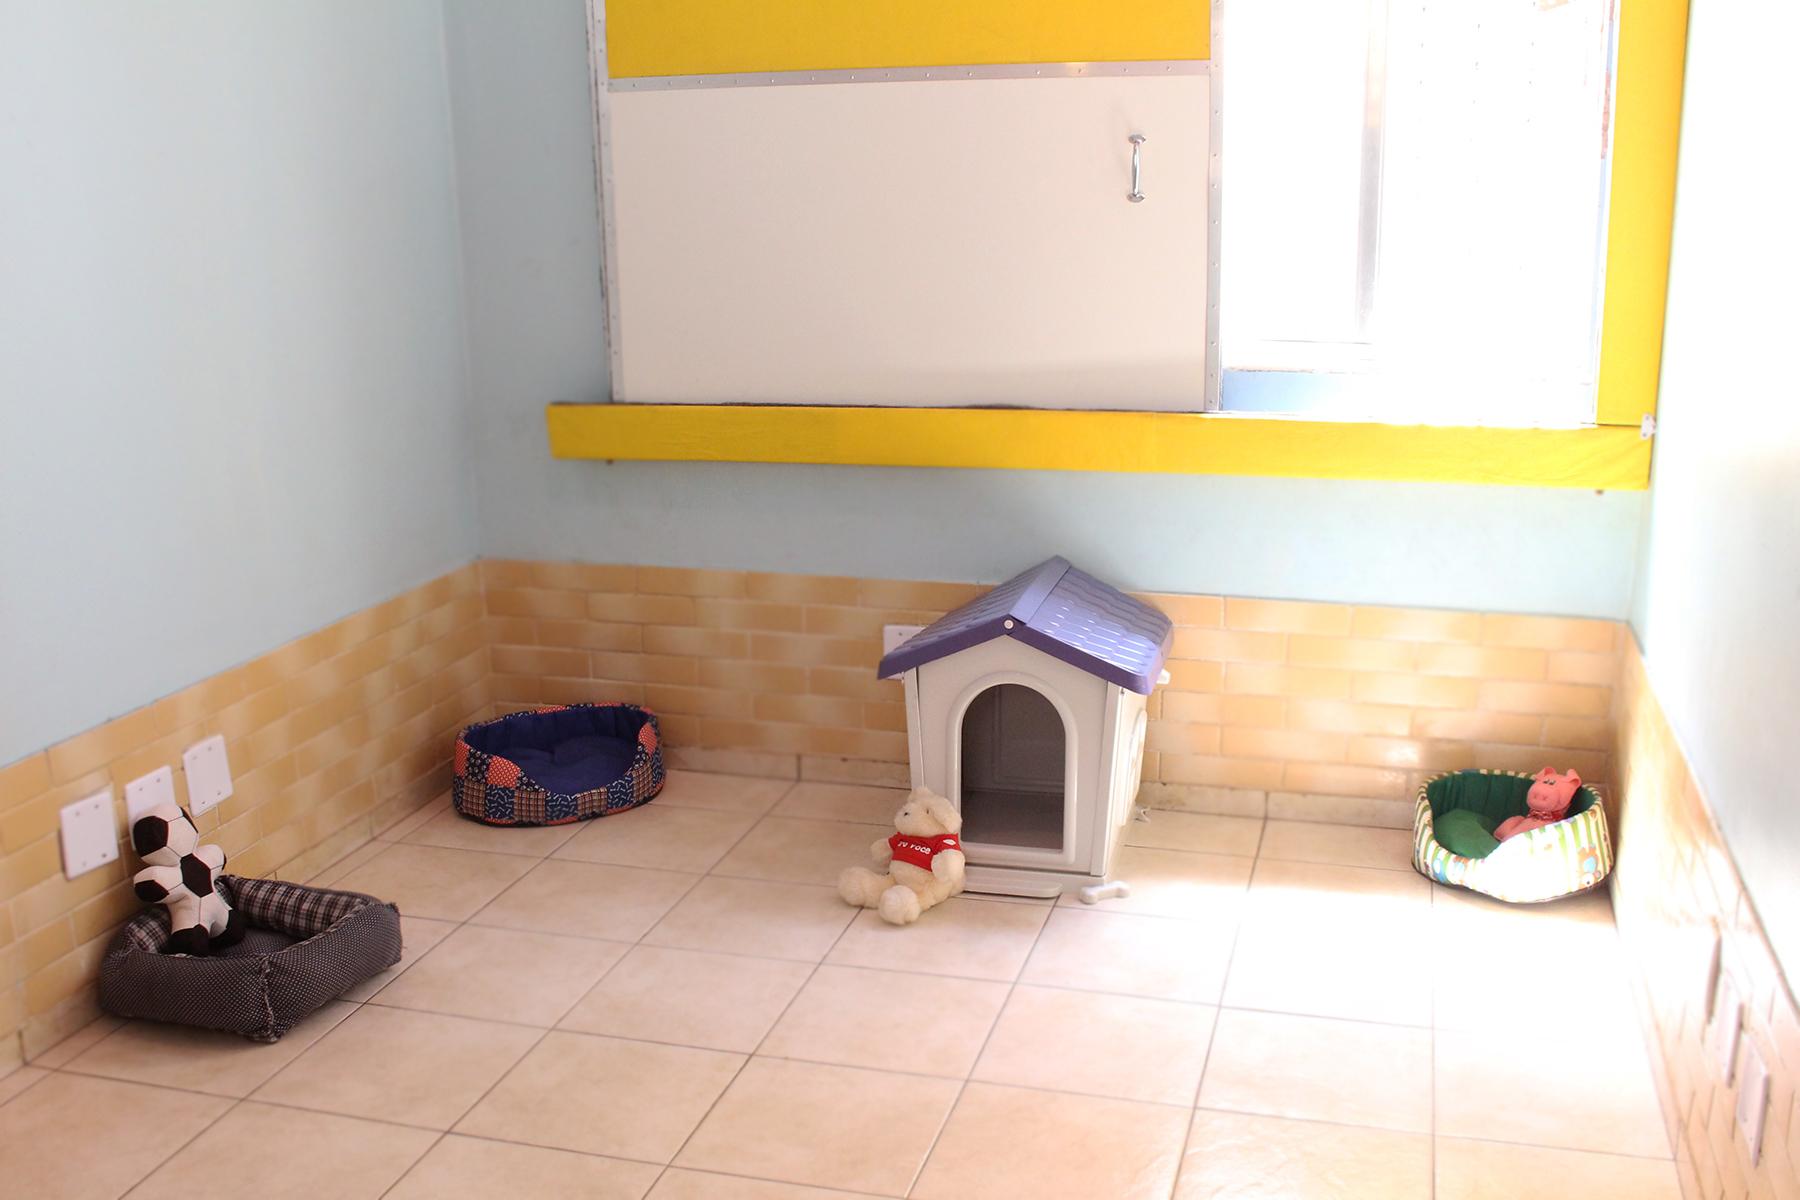 Hotel para Pets Campo Belo no Rio de Janeiro